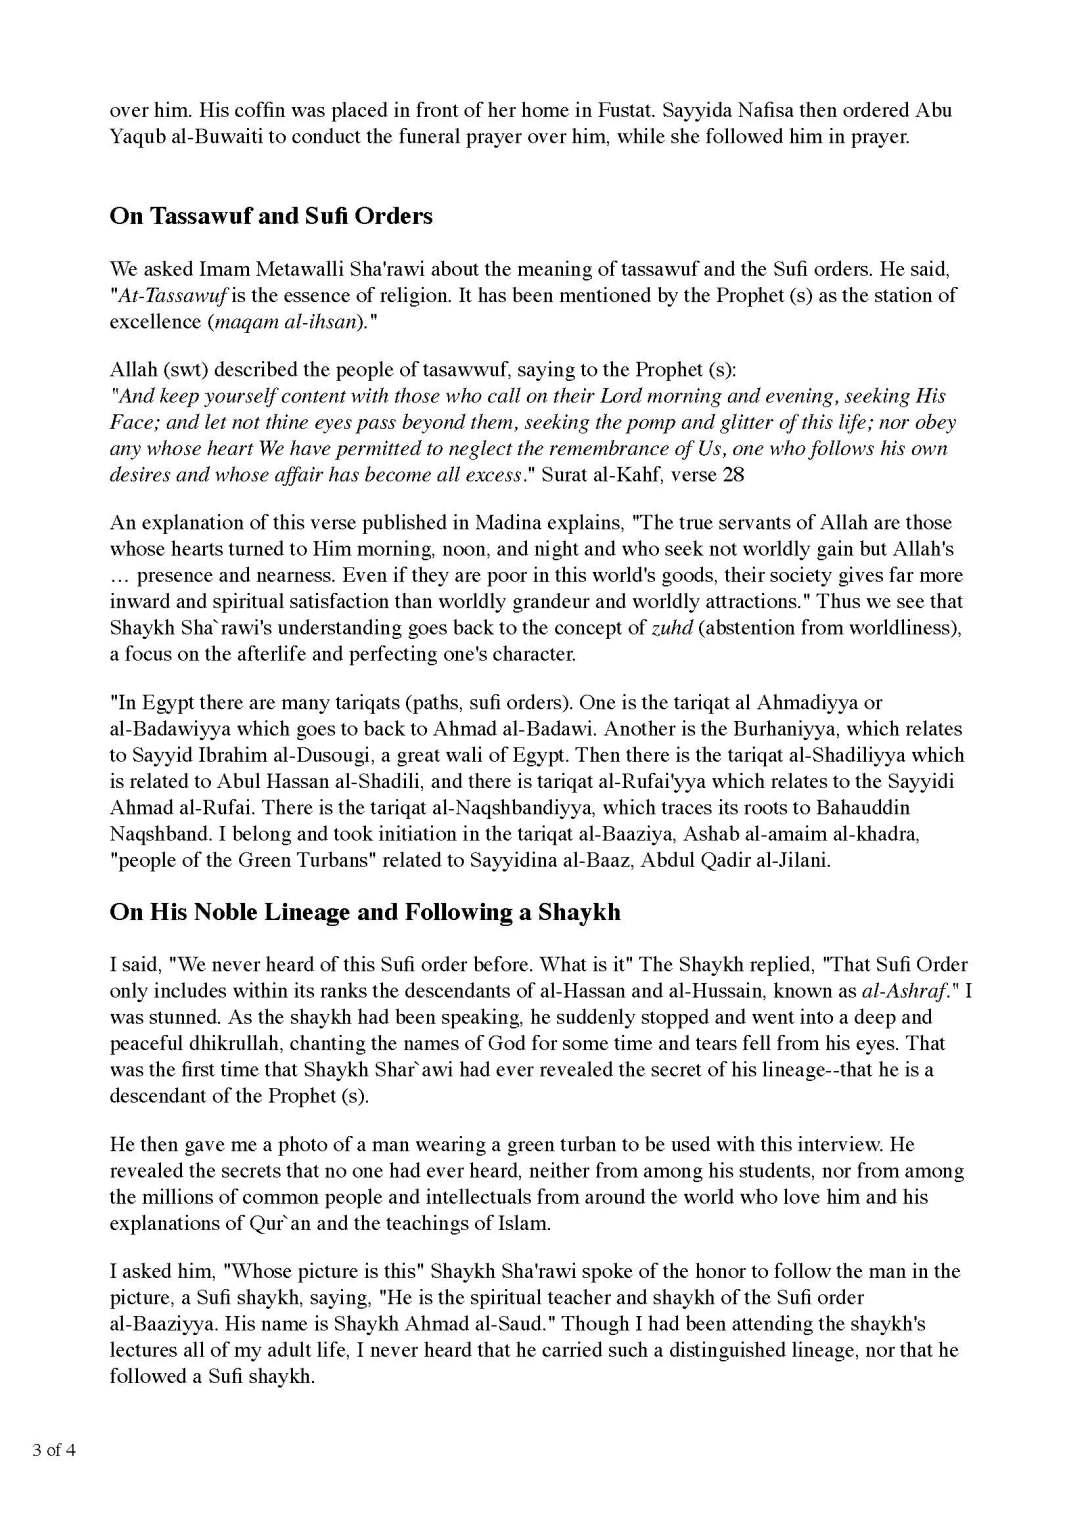 Shaykh-Sharawi-Bio_Page_3